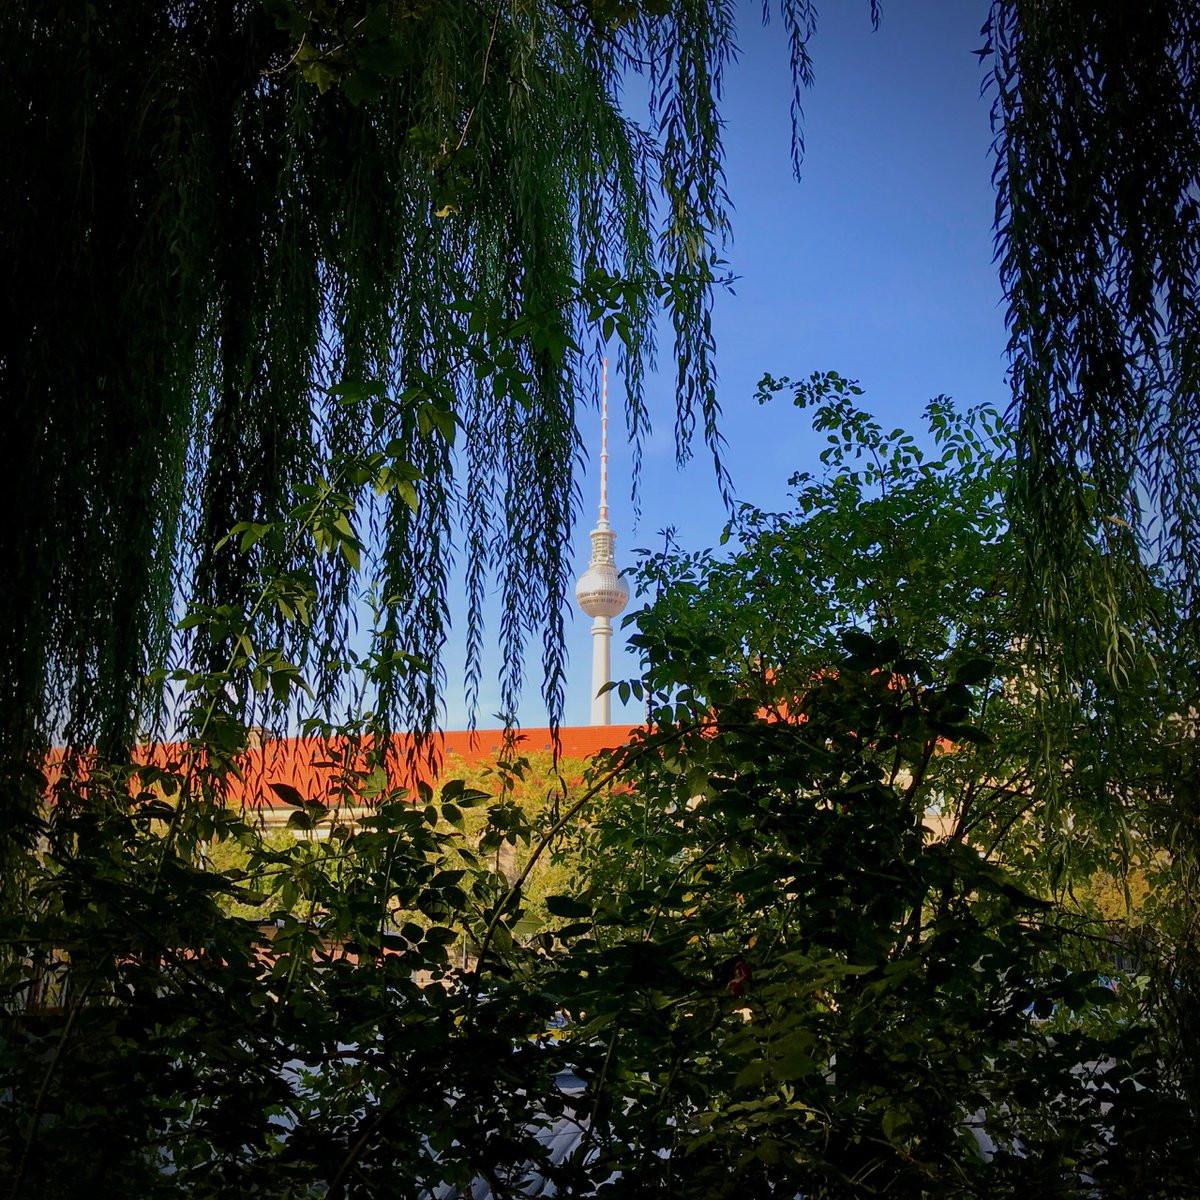 Chamäleon Bilder Zum Ausmalen Das Beste Von Wowplaces Travelblog Wowplacesde Fotografieren